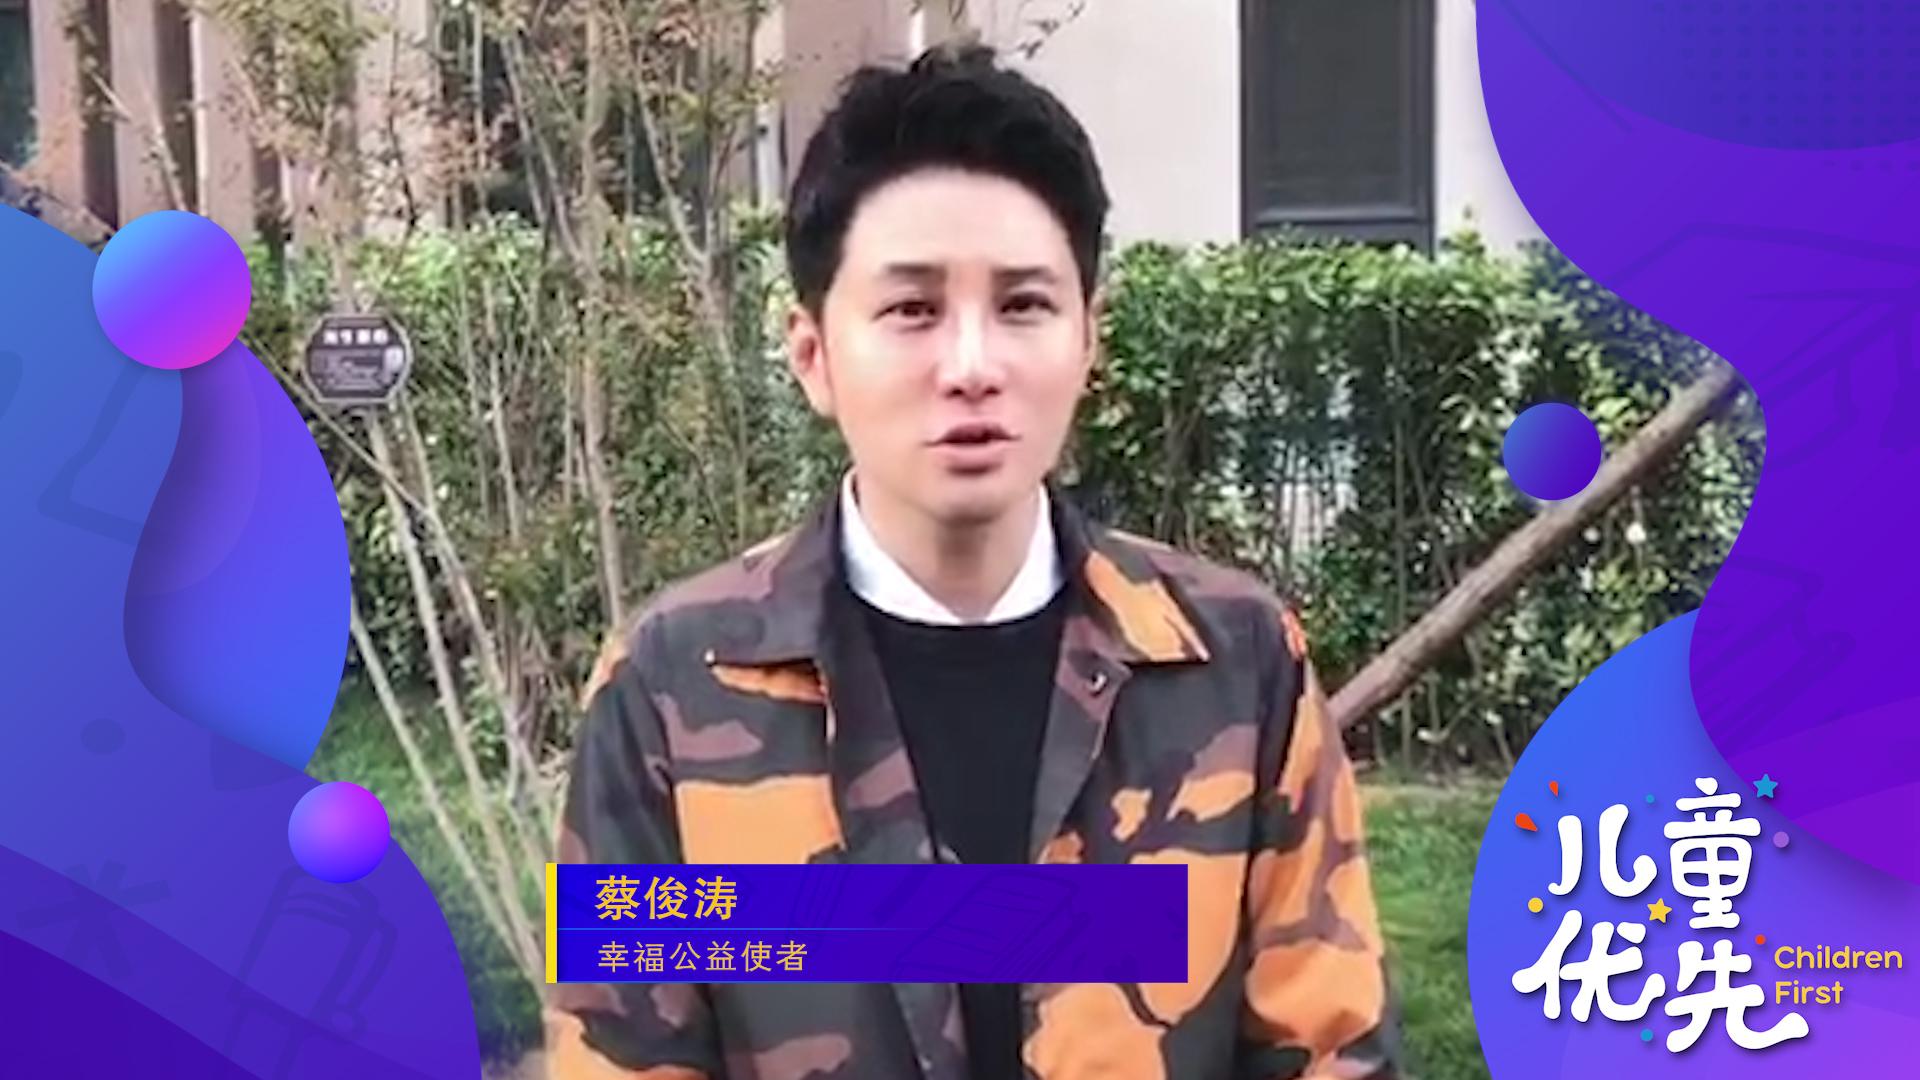 明星助力儿童优先:蔡俊涛